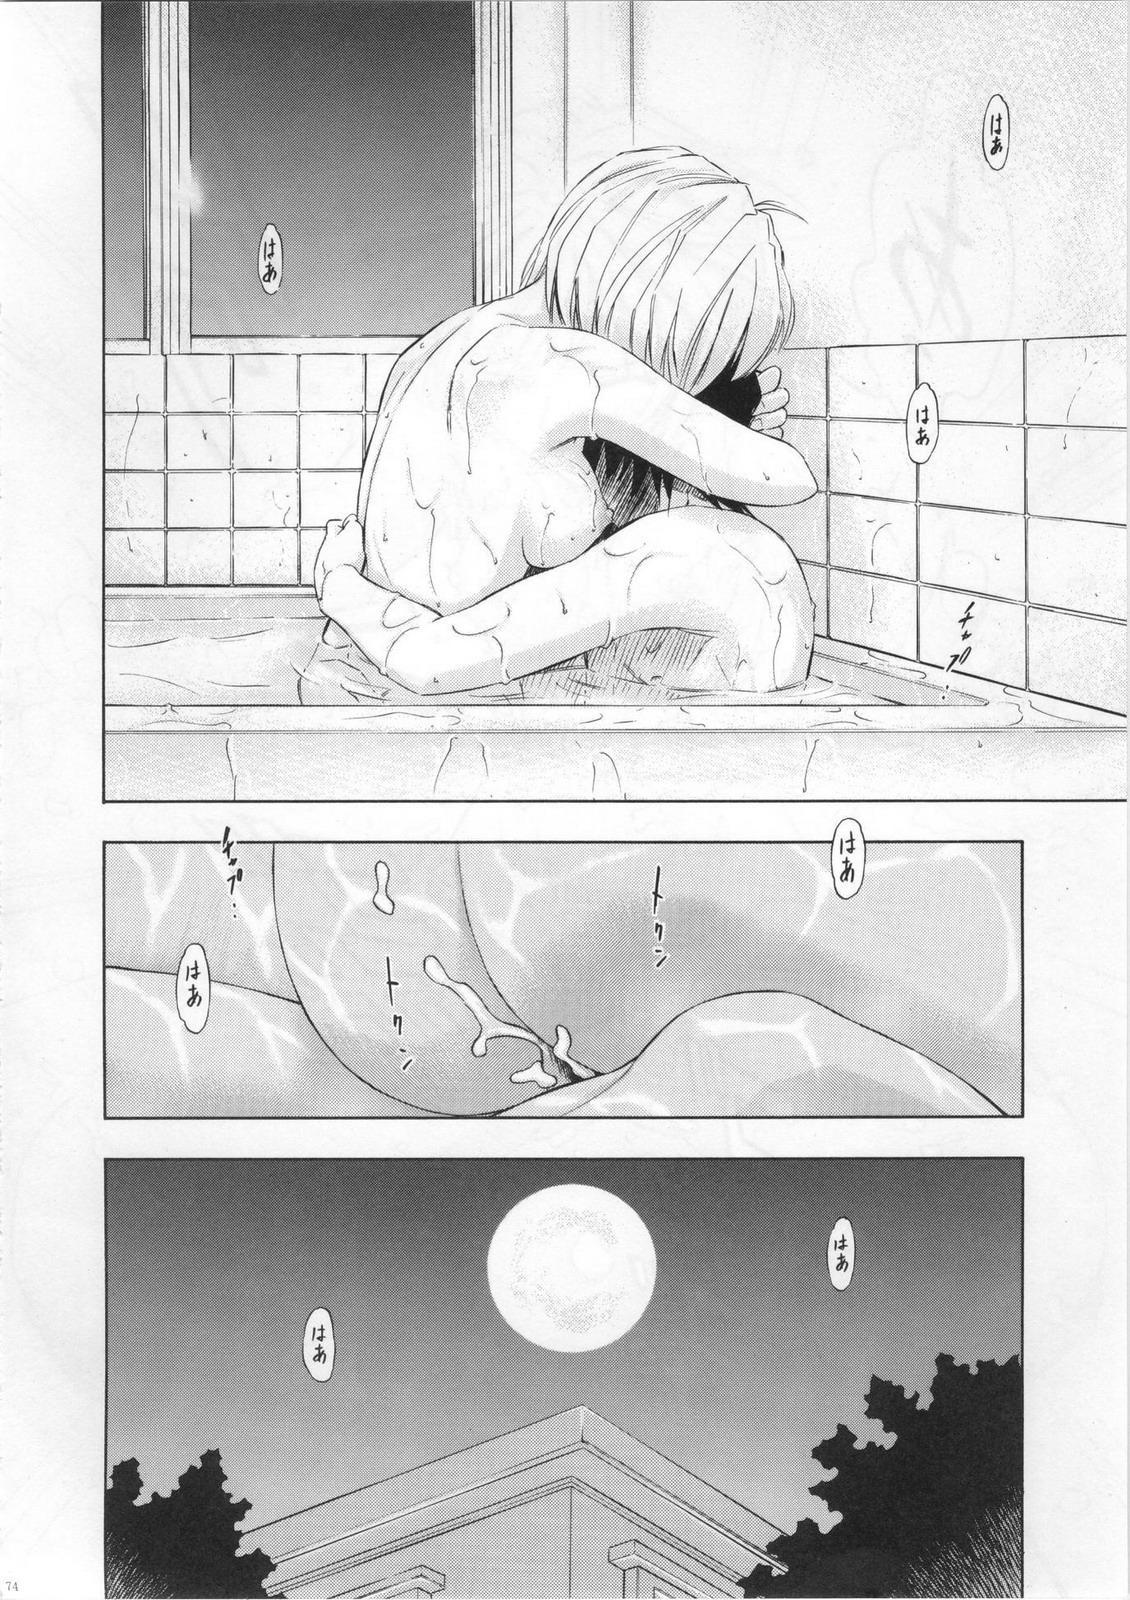 (COMIC1☆5) [Studio Wallaby (Kura Oh)]  Ayanami - Asa Hiru Yoru - Shin (Neon Genesis Evangelion) 72